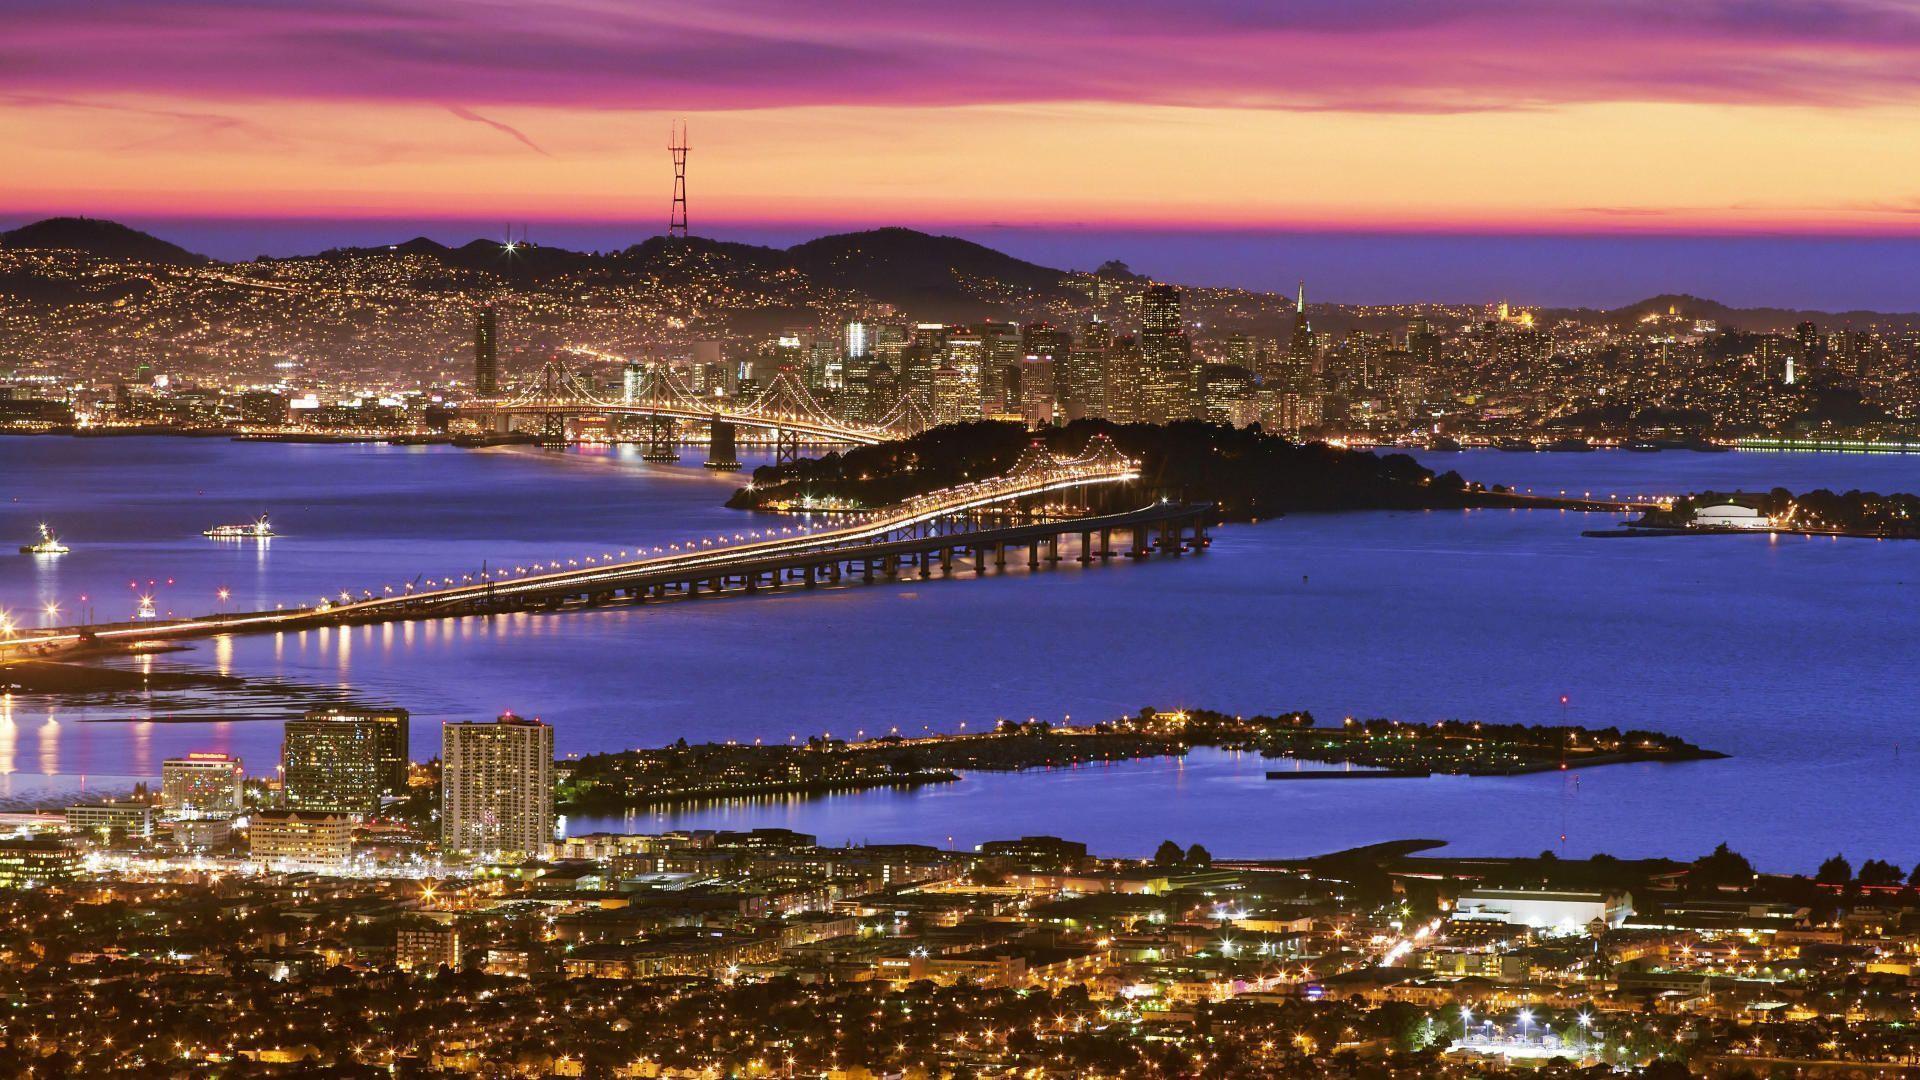 San Francisco At Dusk - HD Travel photos and wallpapers